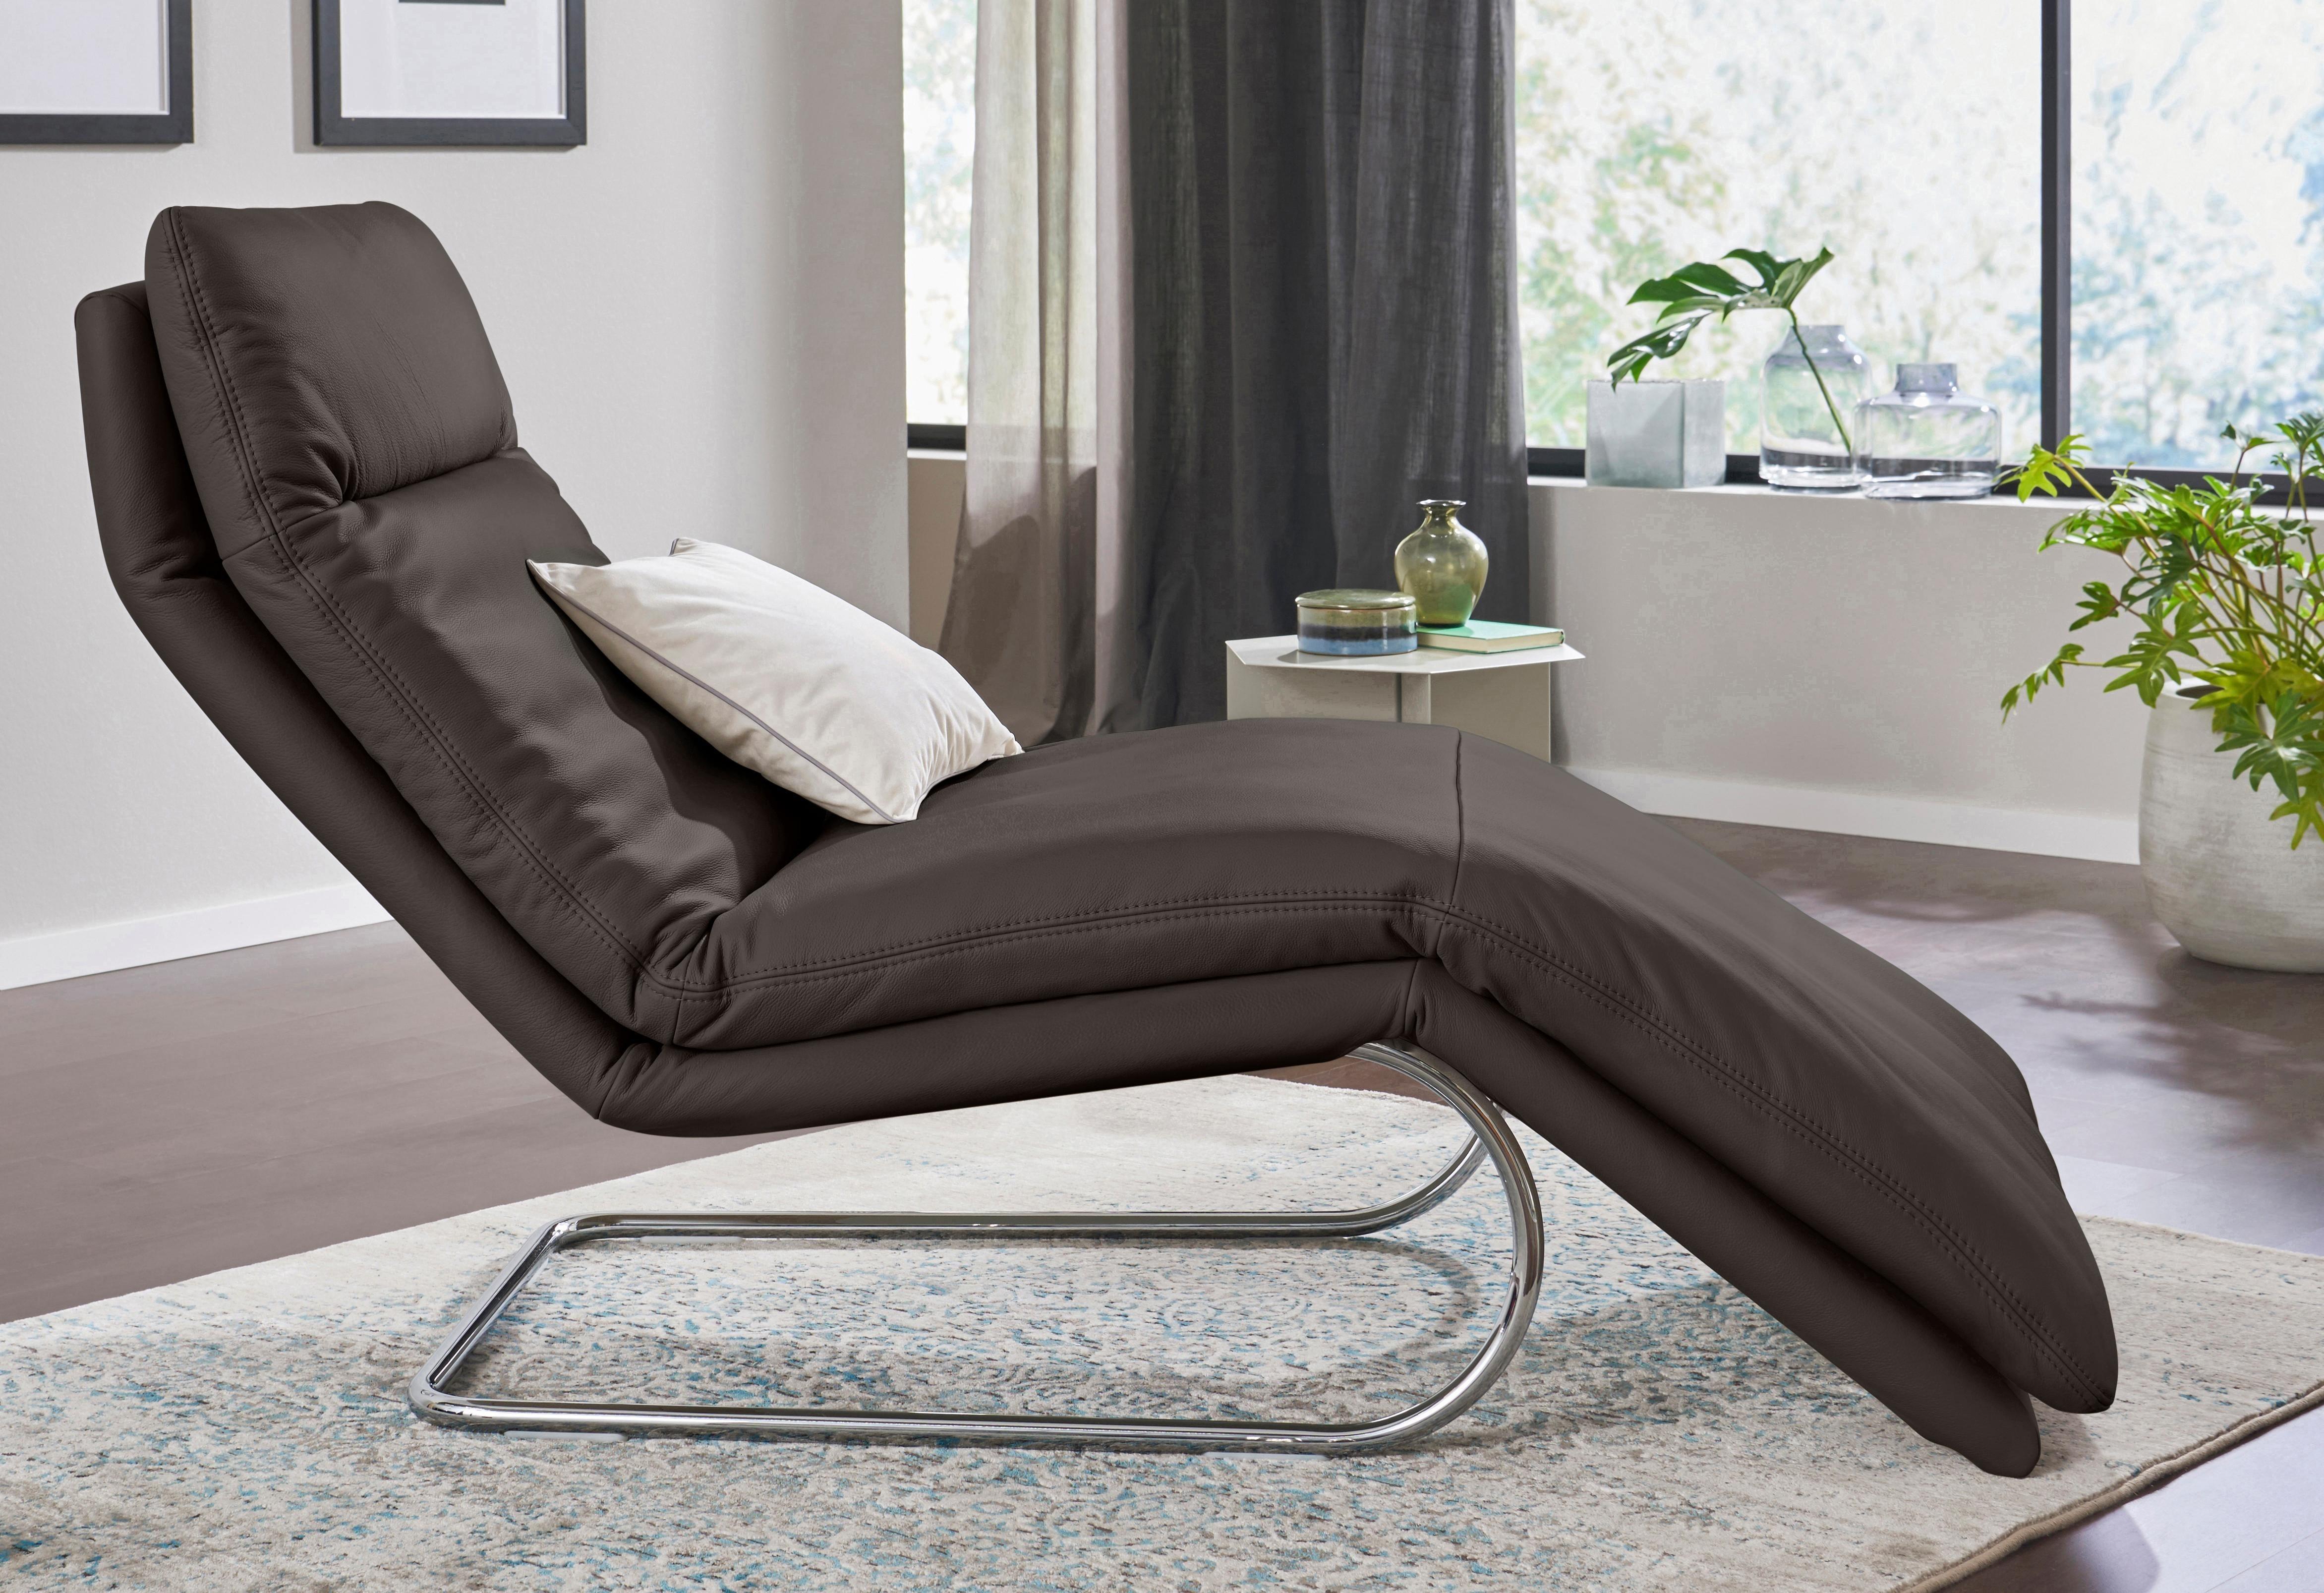 W.SCHILLIG Relaxliege »jill« mit Wippfunktion, inklusive Rücken-, Fußteil- & Kopfteilverstellung | Wohnzimmer > Sessel > Relaxliegen | Leder | W.SCHILLIG